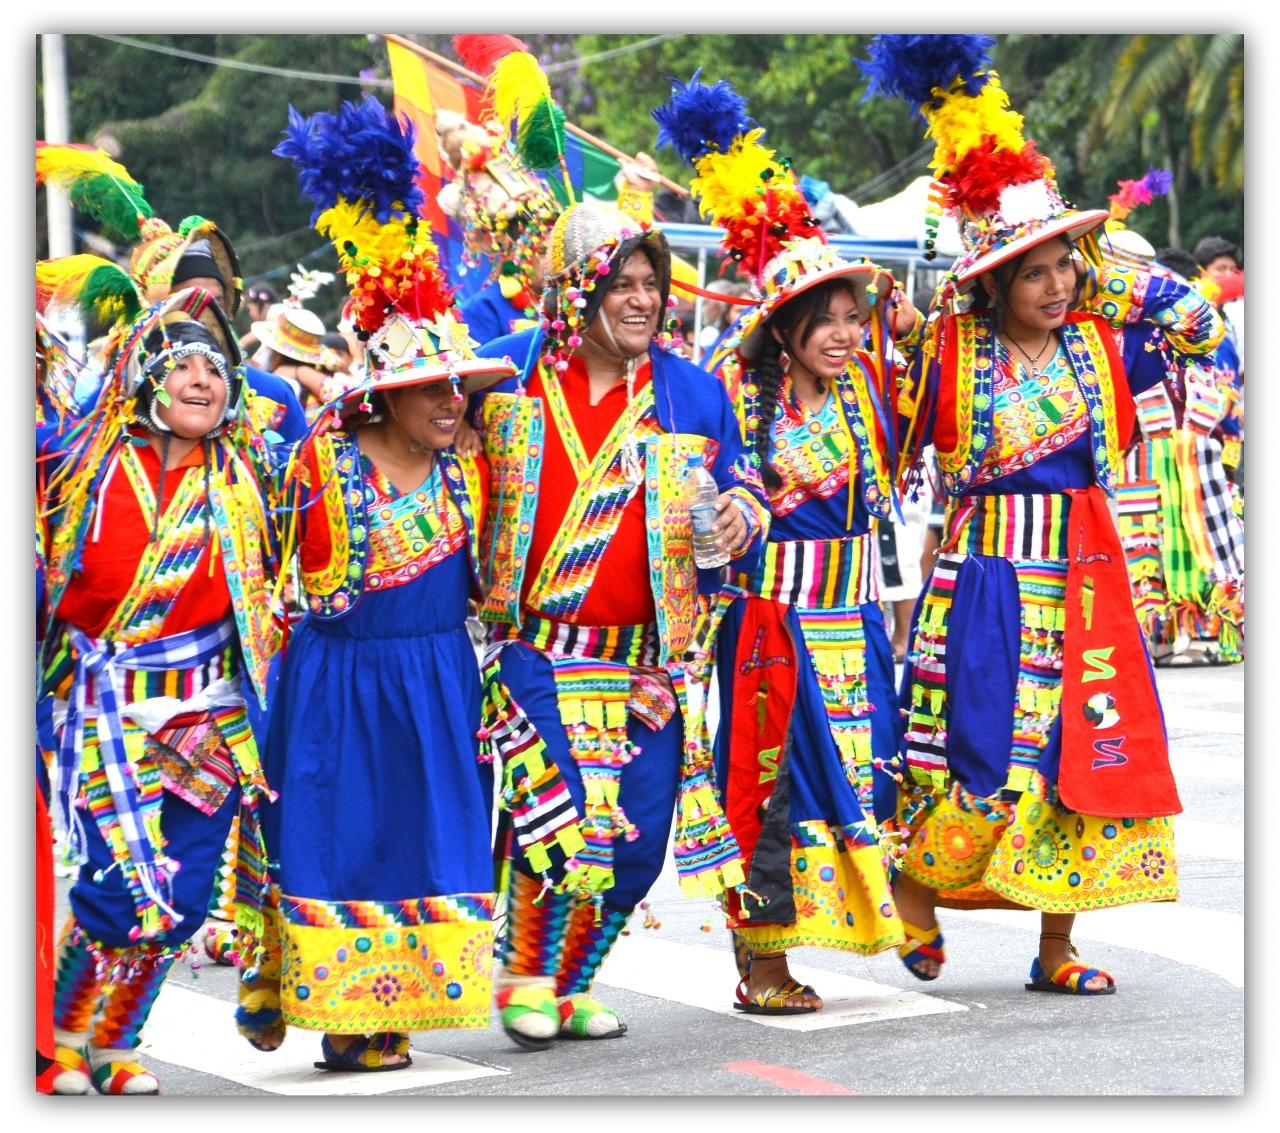 ブラジルで、ボリビア移民による...